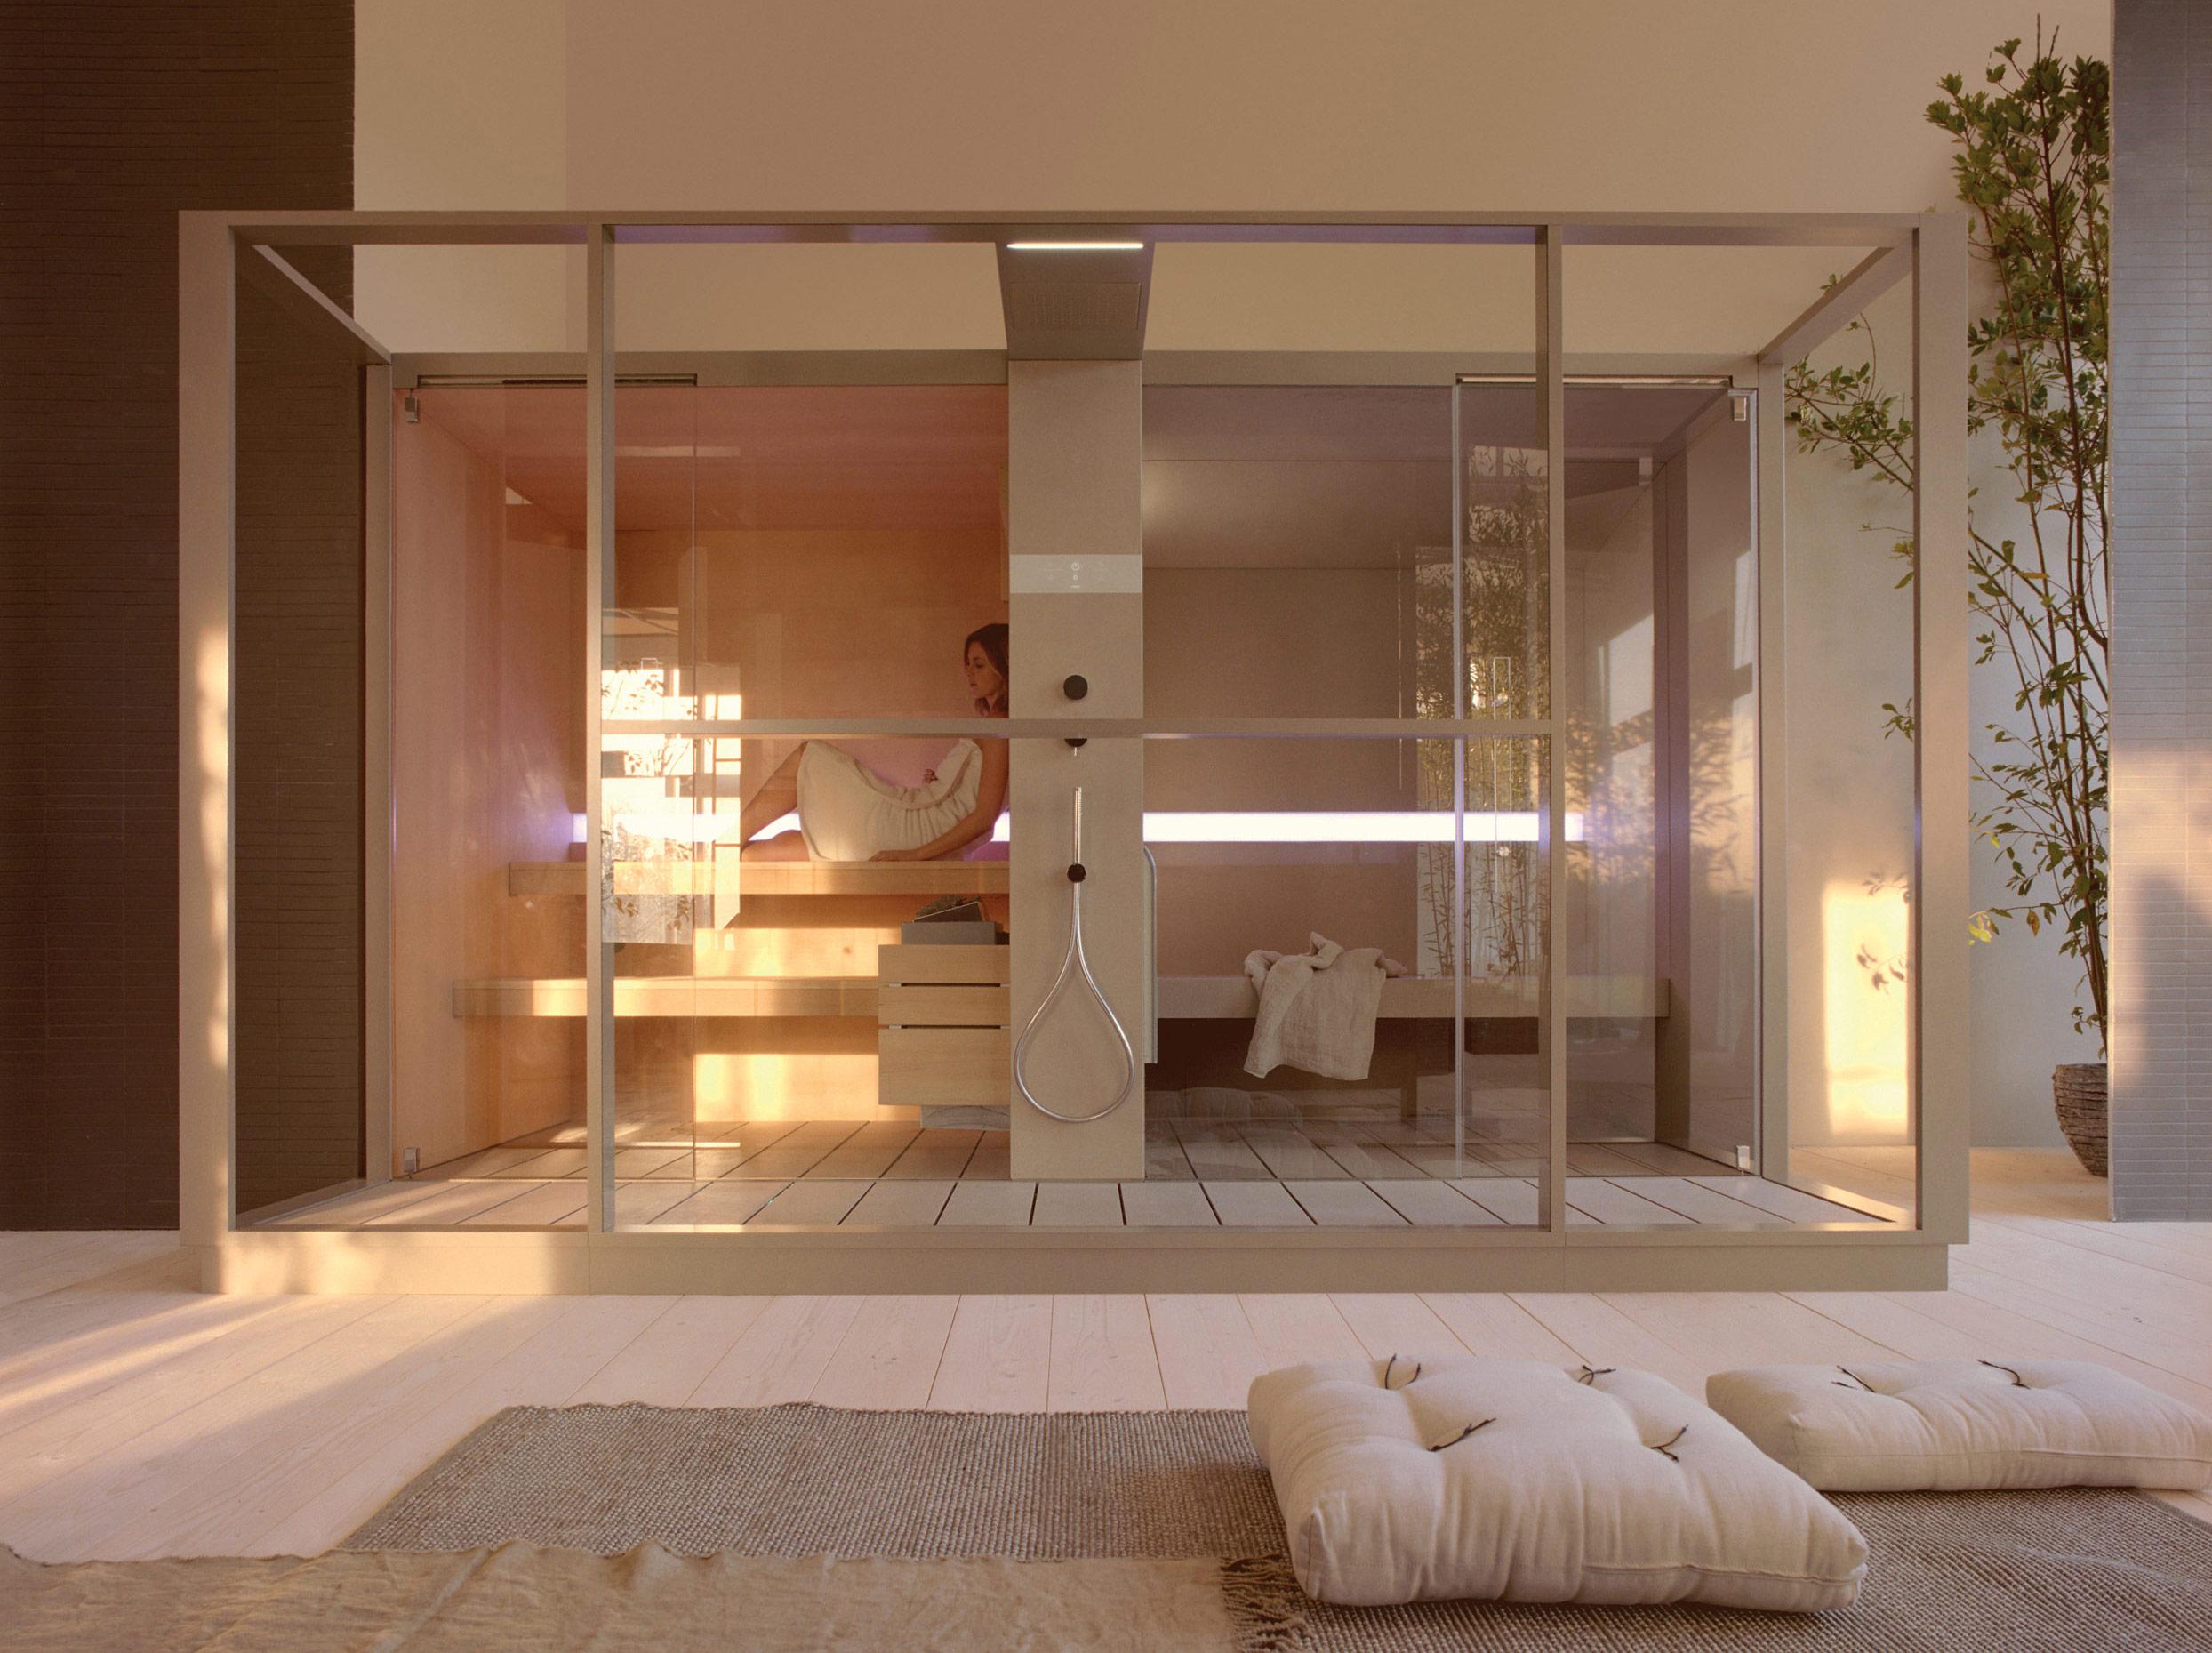 cabinas de sauna y bao de vapor